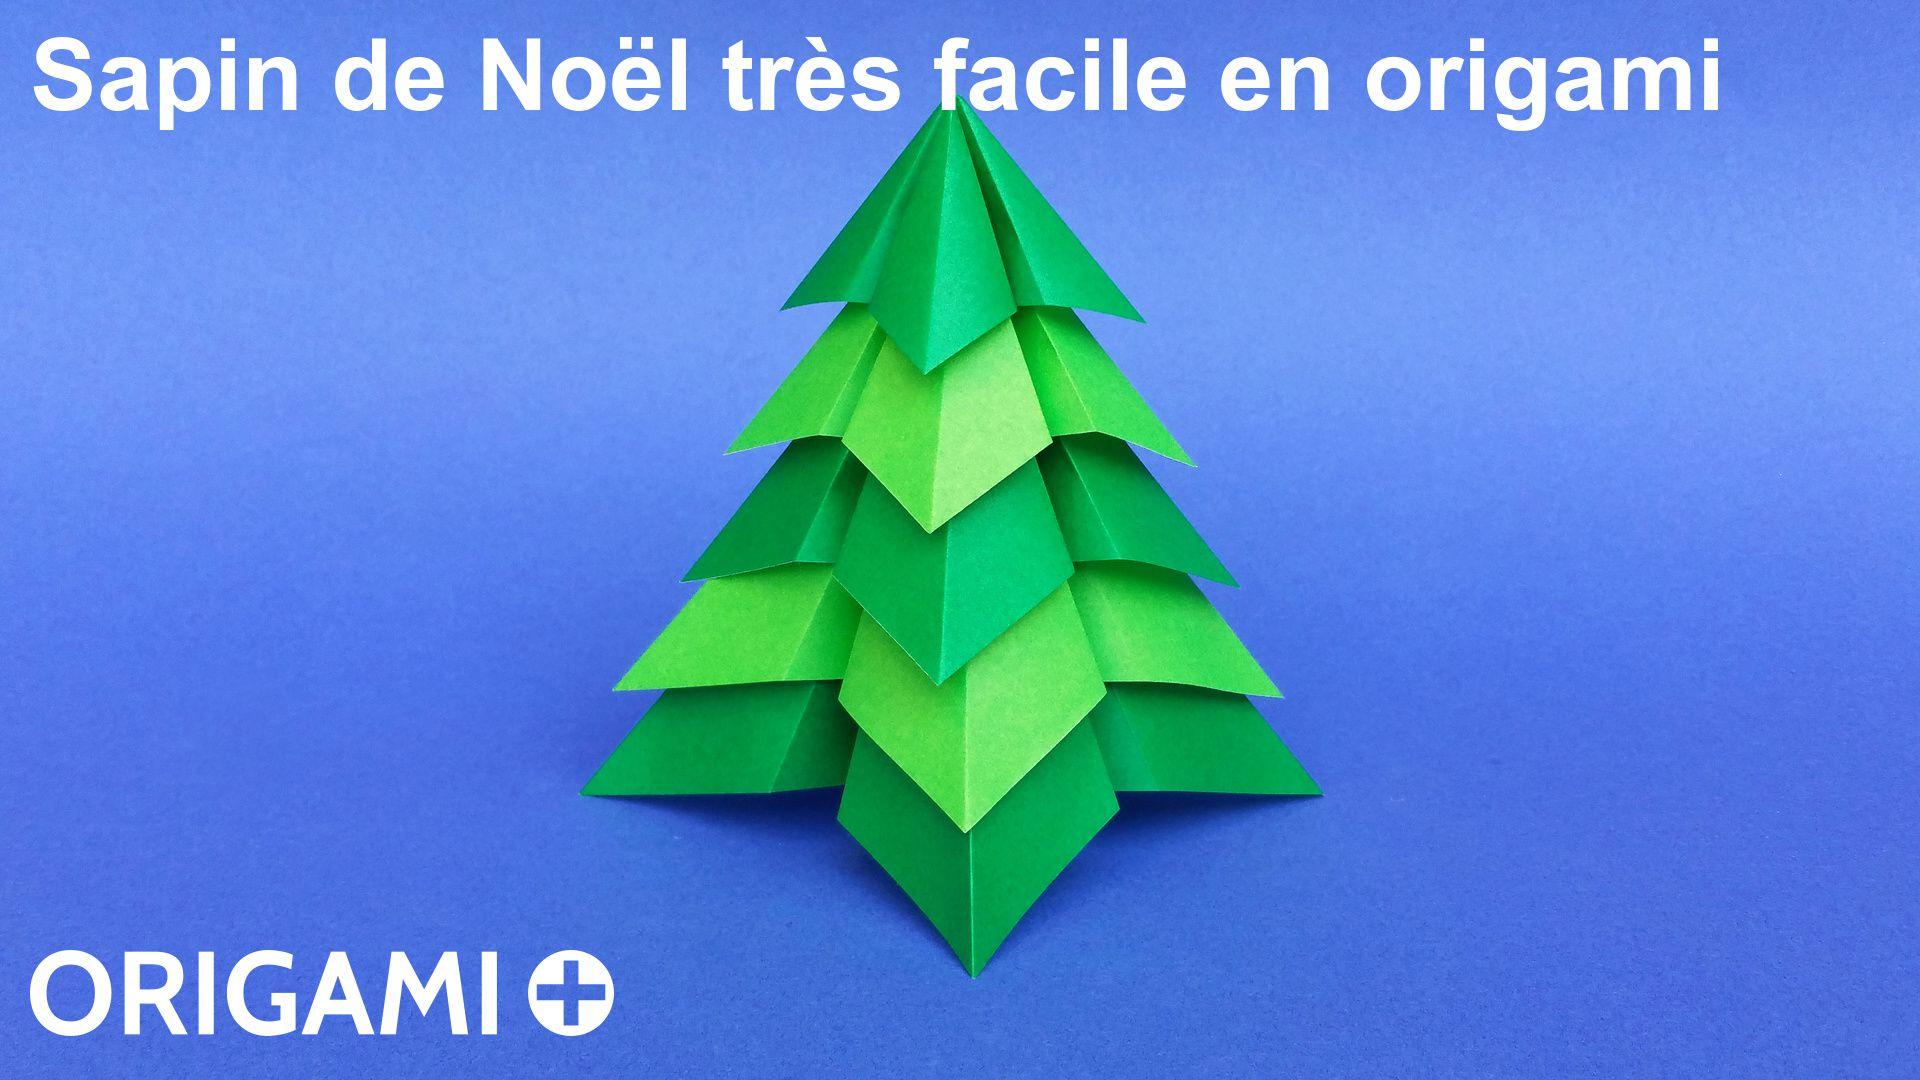 Sapin De Noël Très Facile En Origami à Origami Sapin De Noel